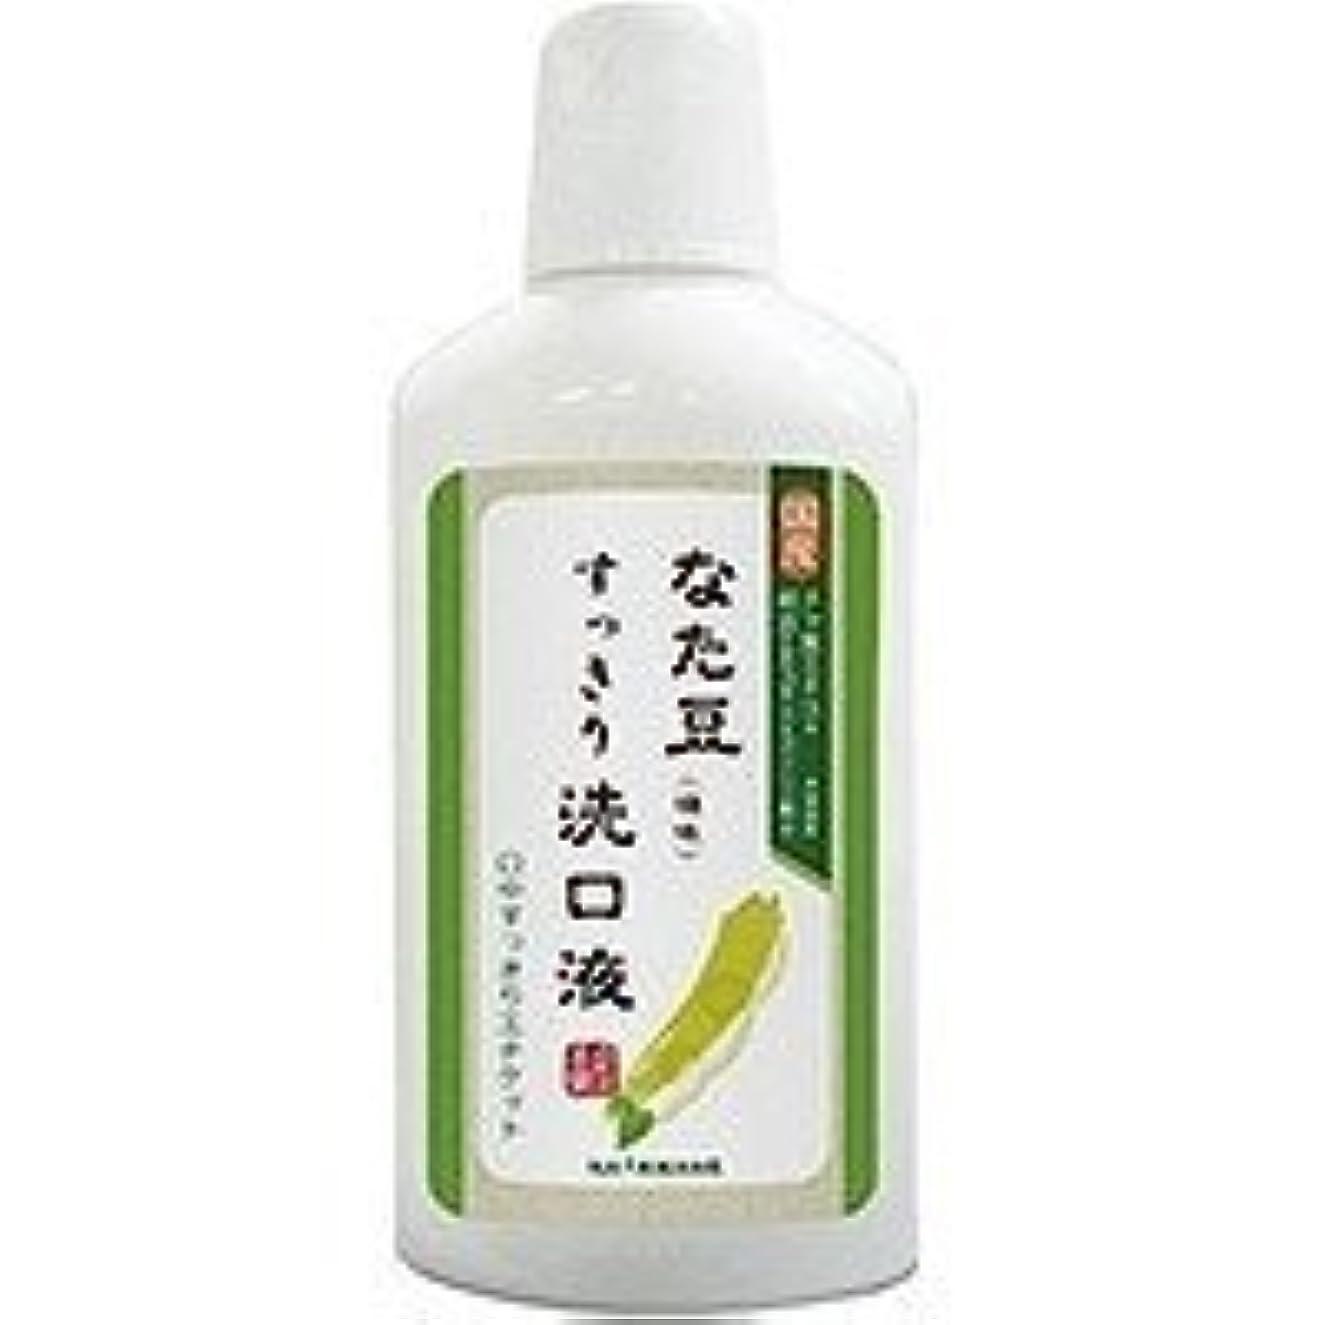 オーラルゆるく病な株式会社三和通商 なた豆 すっきり 洗口液(500ml)